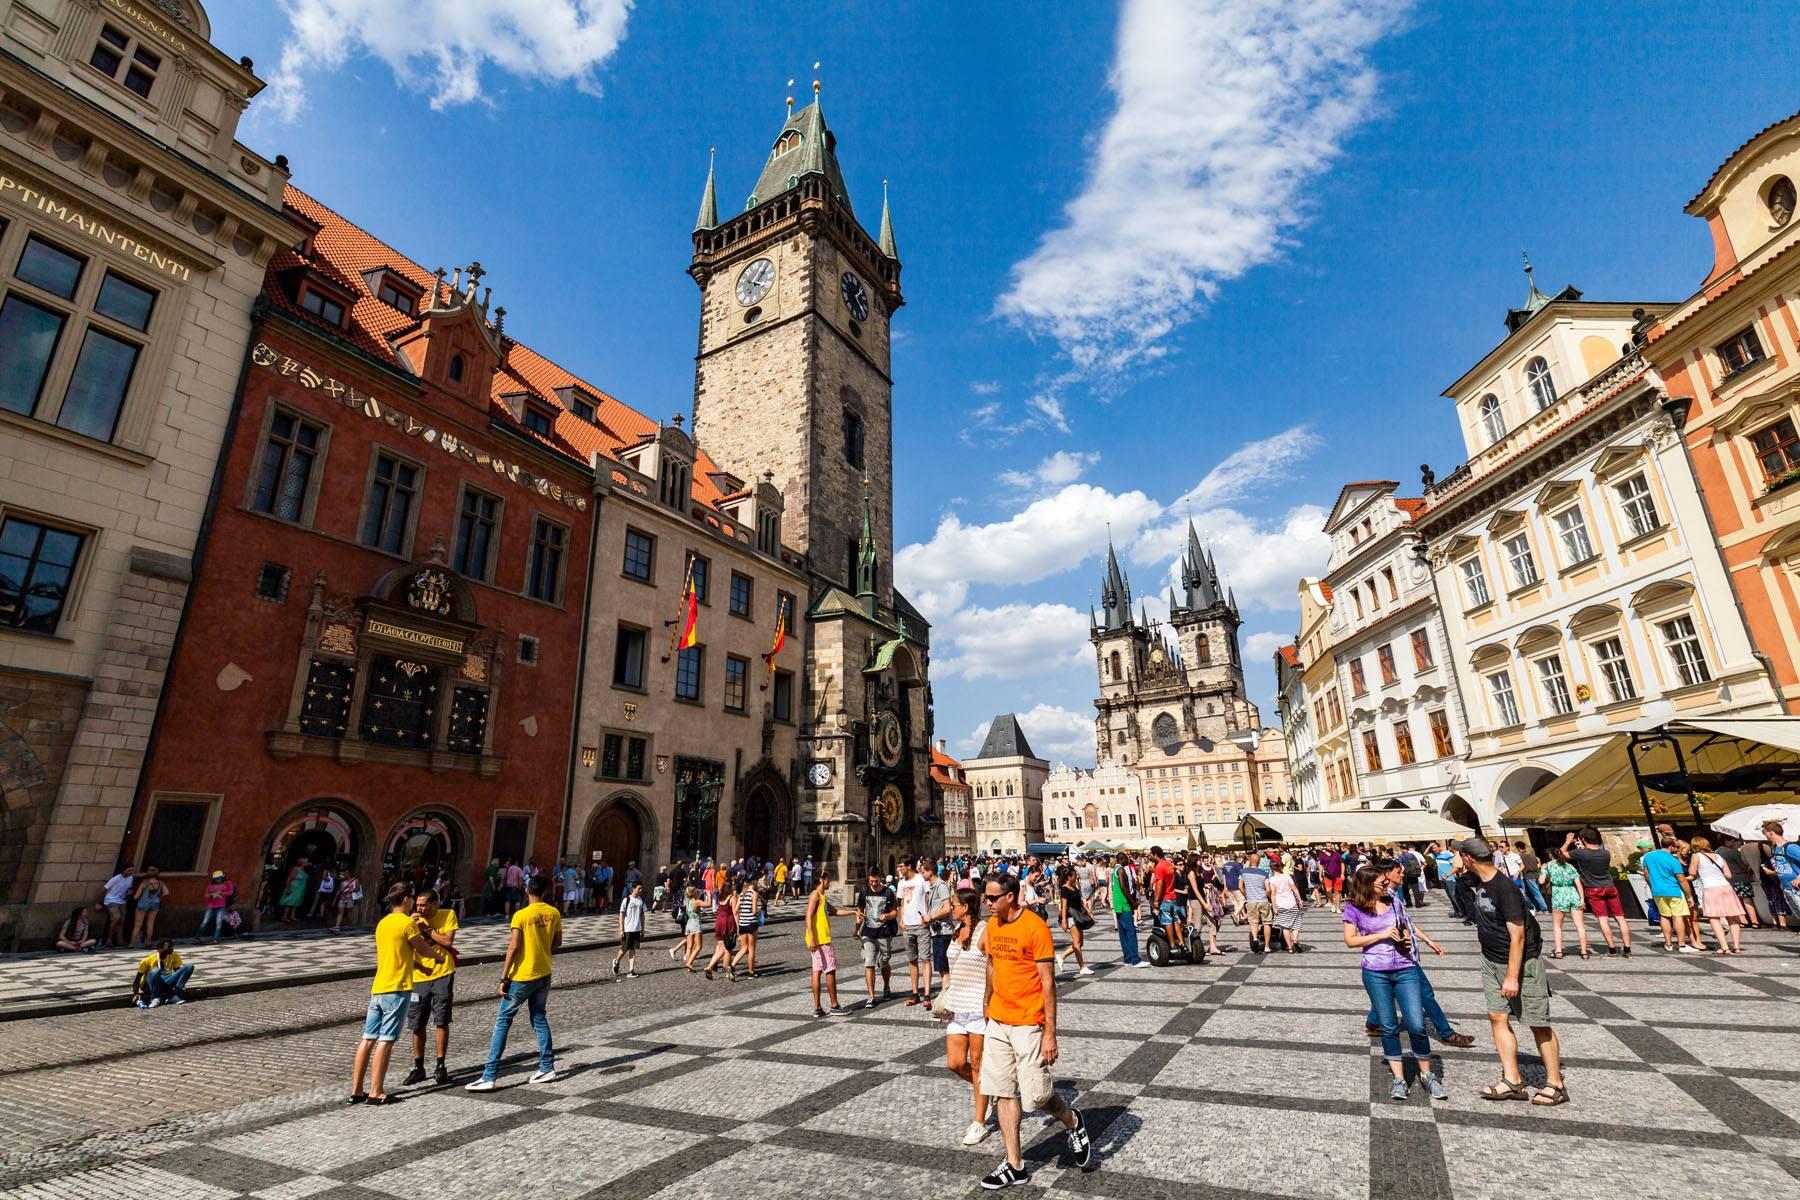 Чехия и прага весной 2020 — погода и отзывы об отдыхе, экскурсии и туры